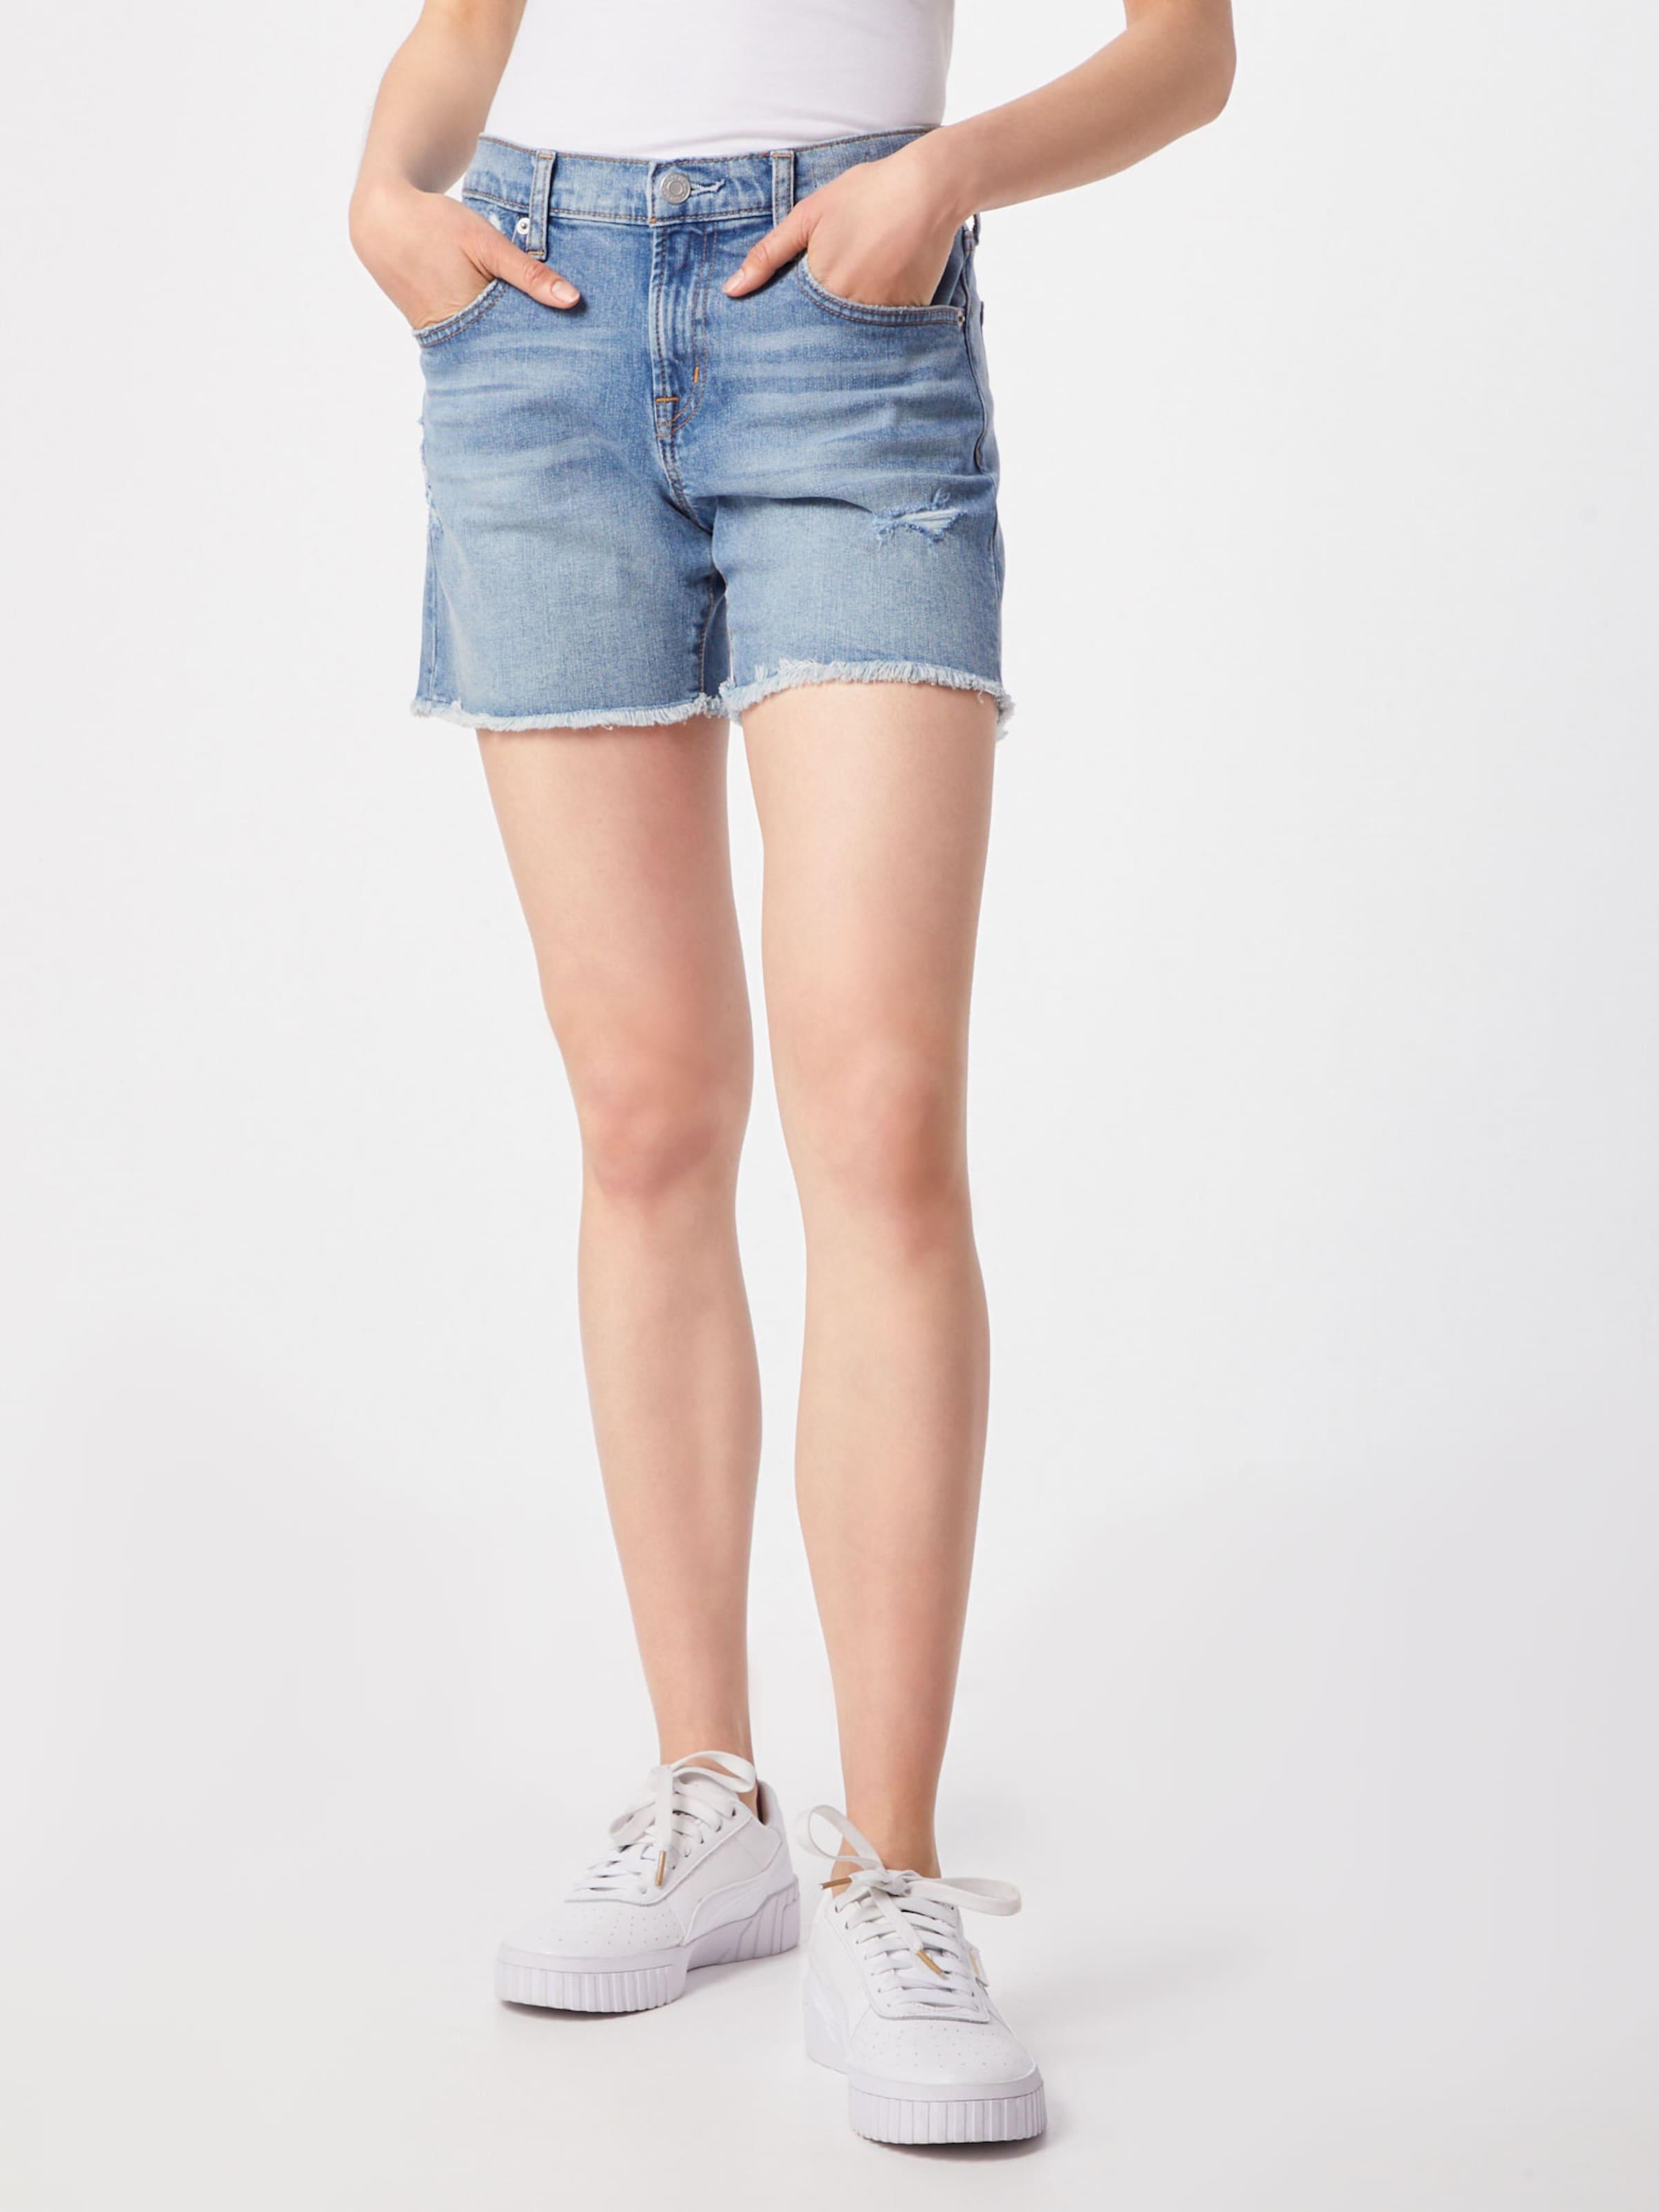 Dest Short DenimHellblau Jeans '5 Blue Lonnie Gap Lt Fh' In w8yvm0ONn